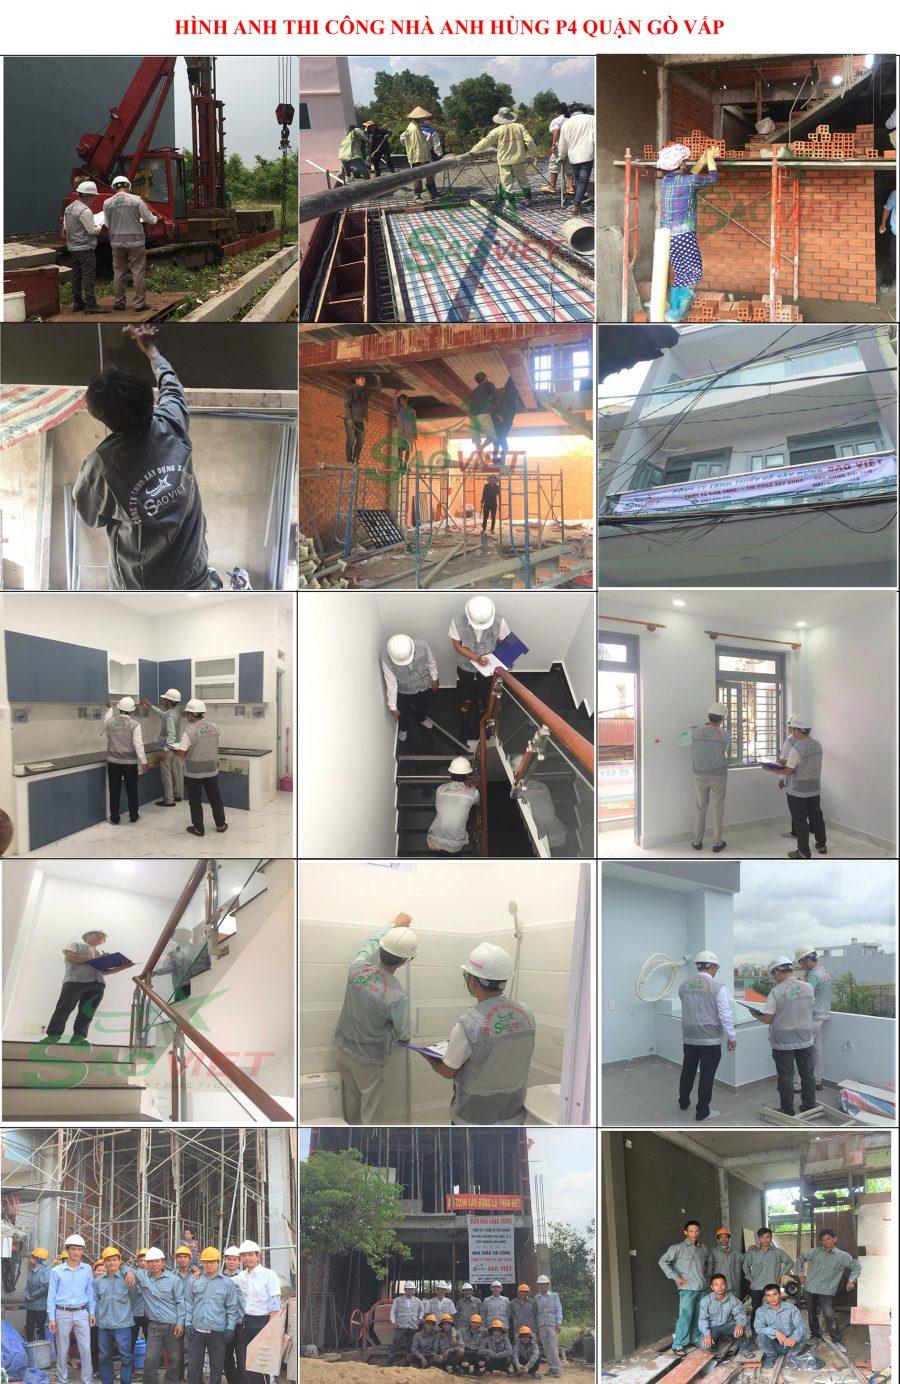 1 Báo giá xây nhà trọn gói chuyên nghiệp tại TPHCM